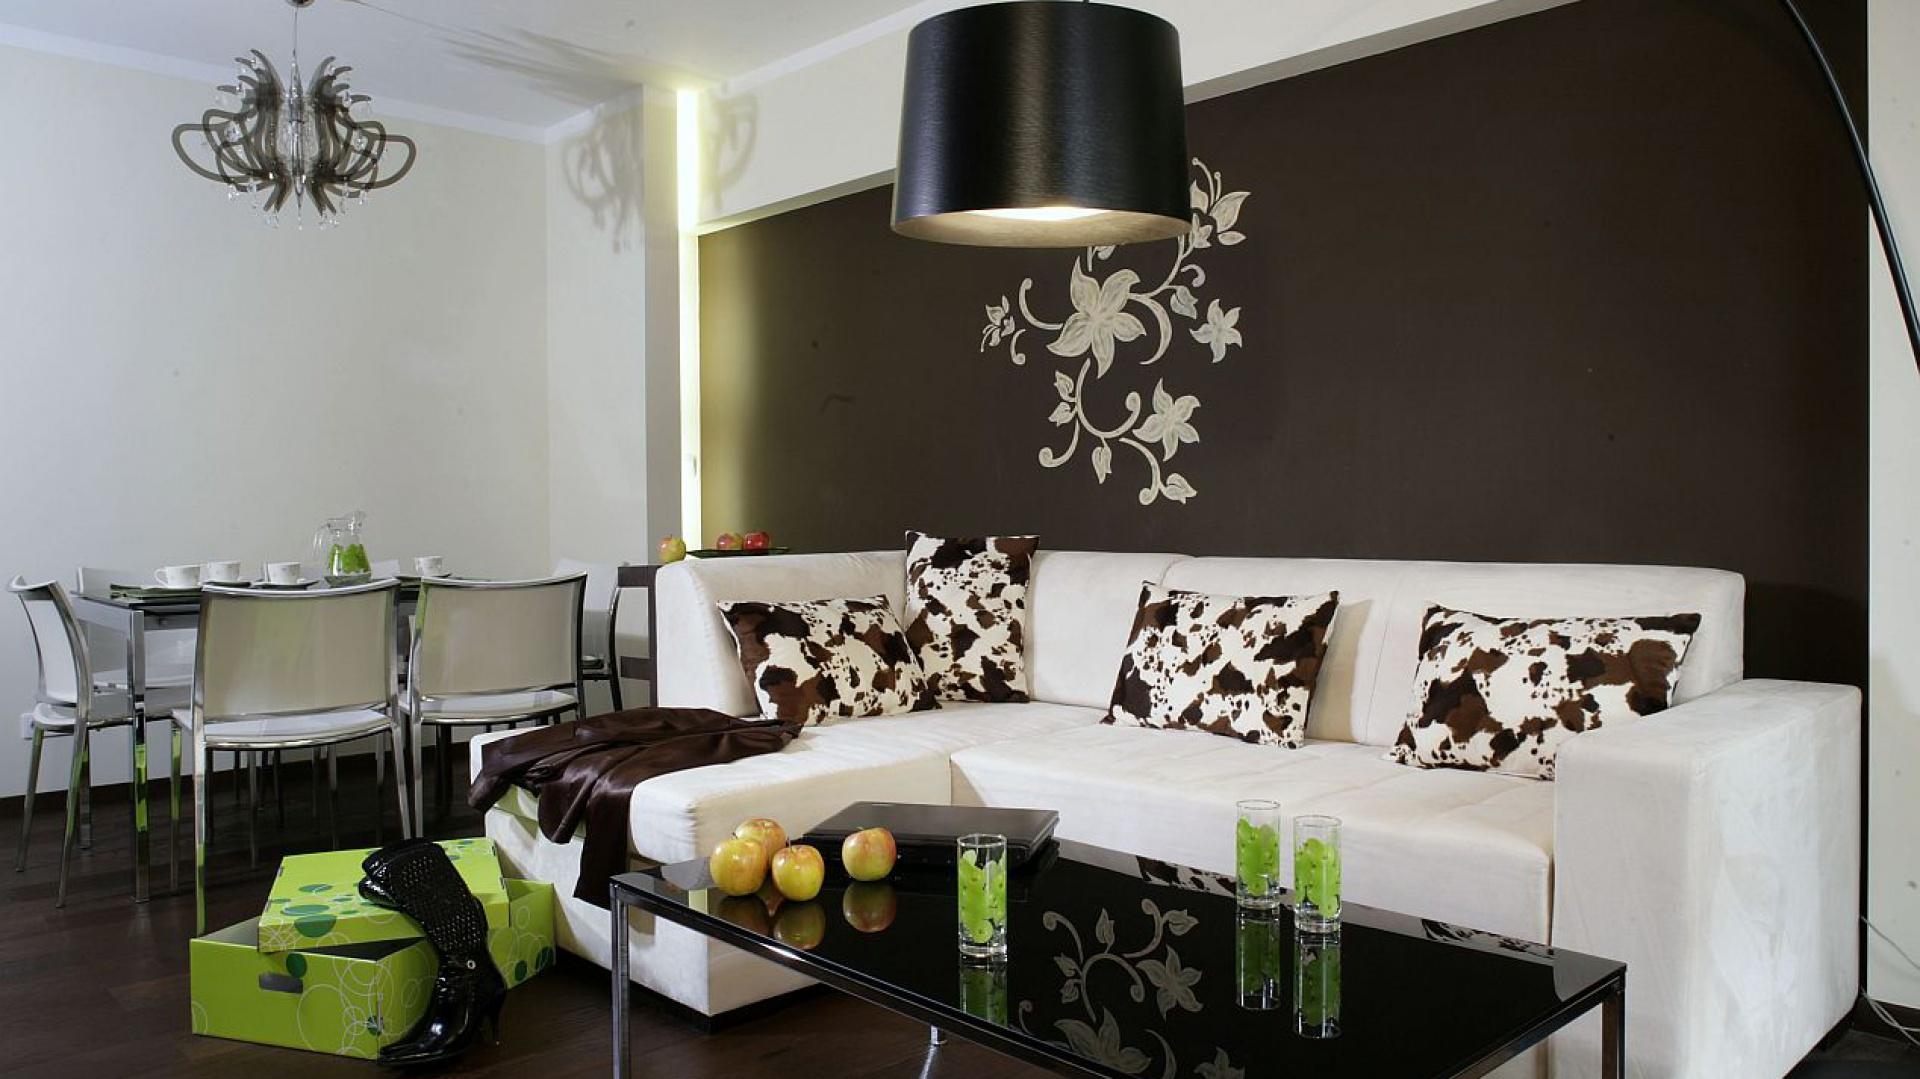 """Strefę jadalni akcentuje efektowny żyrandol – jego lekka forma nawiązuje do florystycznej dekoracji na ścianie salonu. Przy stole ustawione są krzesła """"Keyo"""" z oferty marki Bontempi Casa. Fot. Monika Filipiuk."""